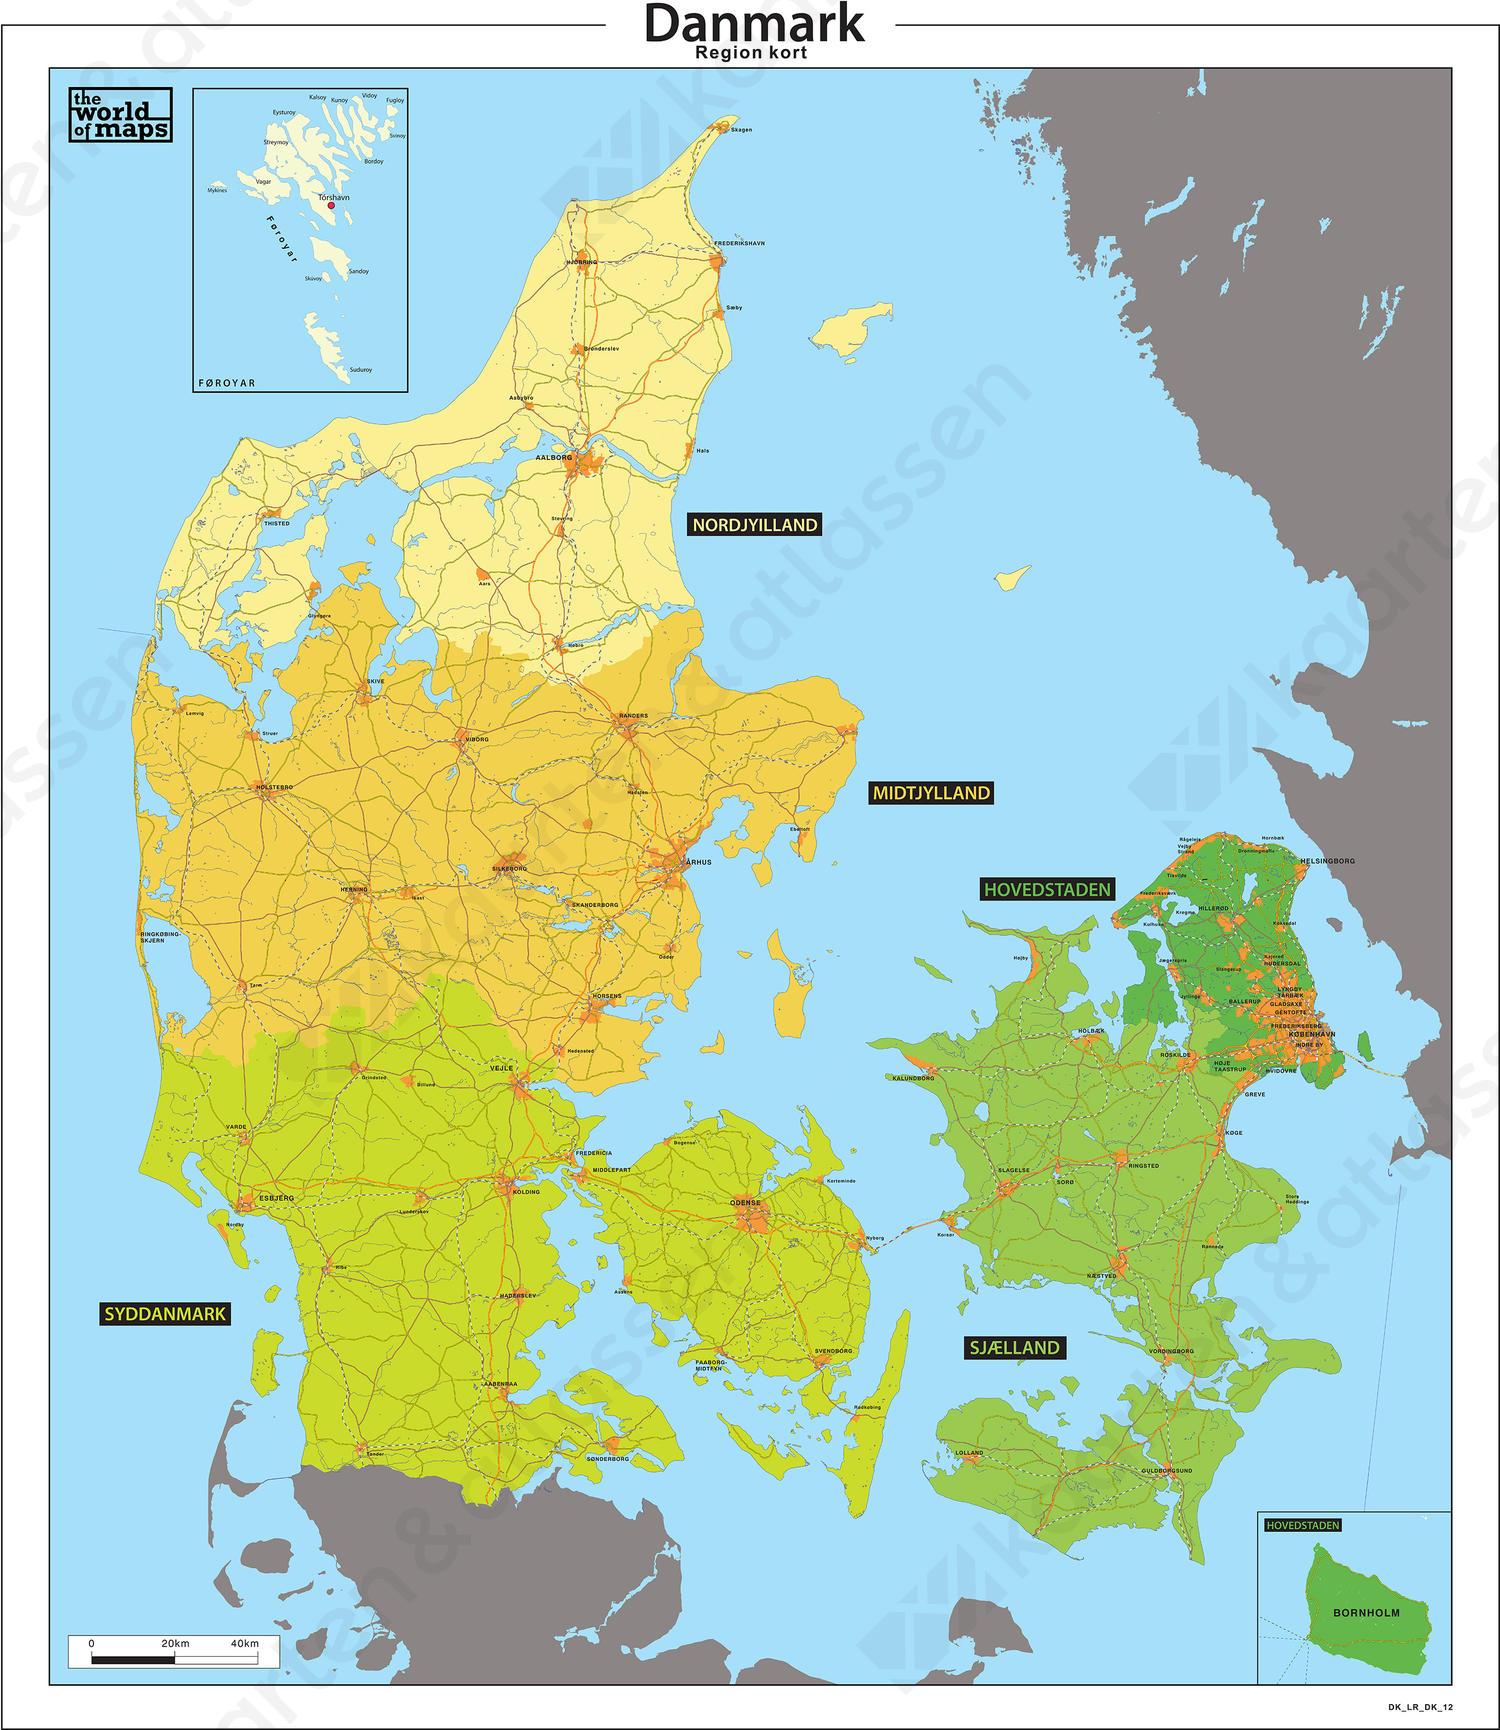 Basis regio kaart van Denemarken